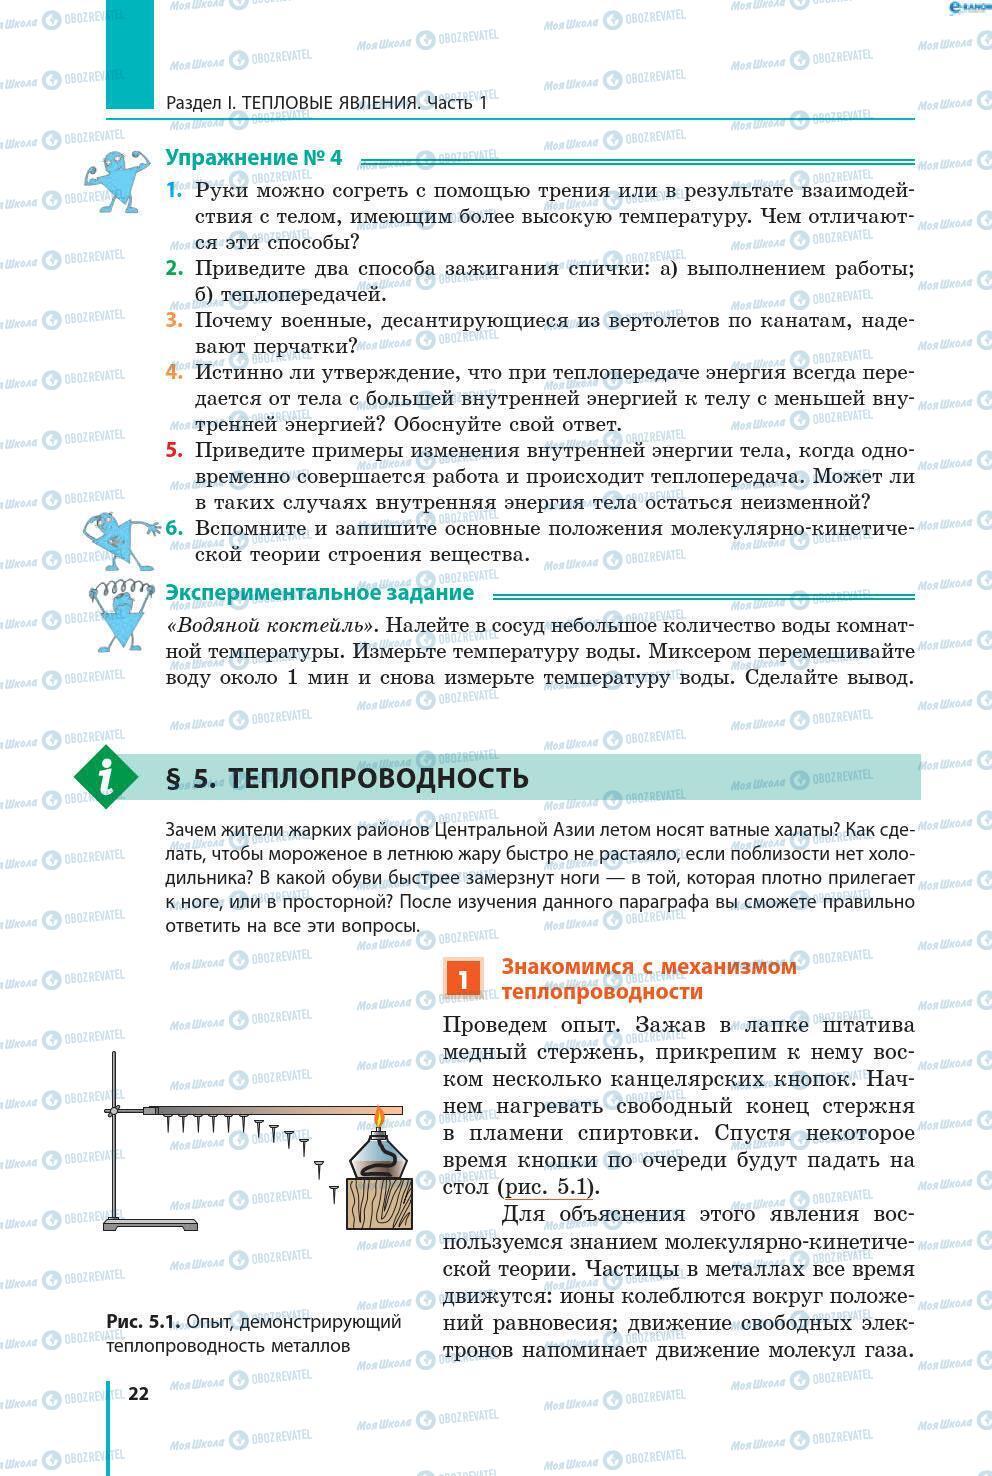 Підручники Фізика 8 клас сторінка 22